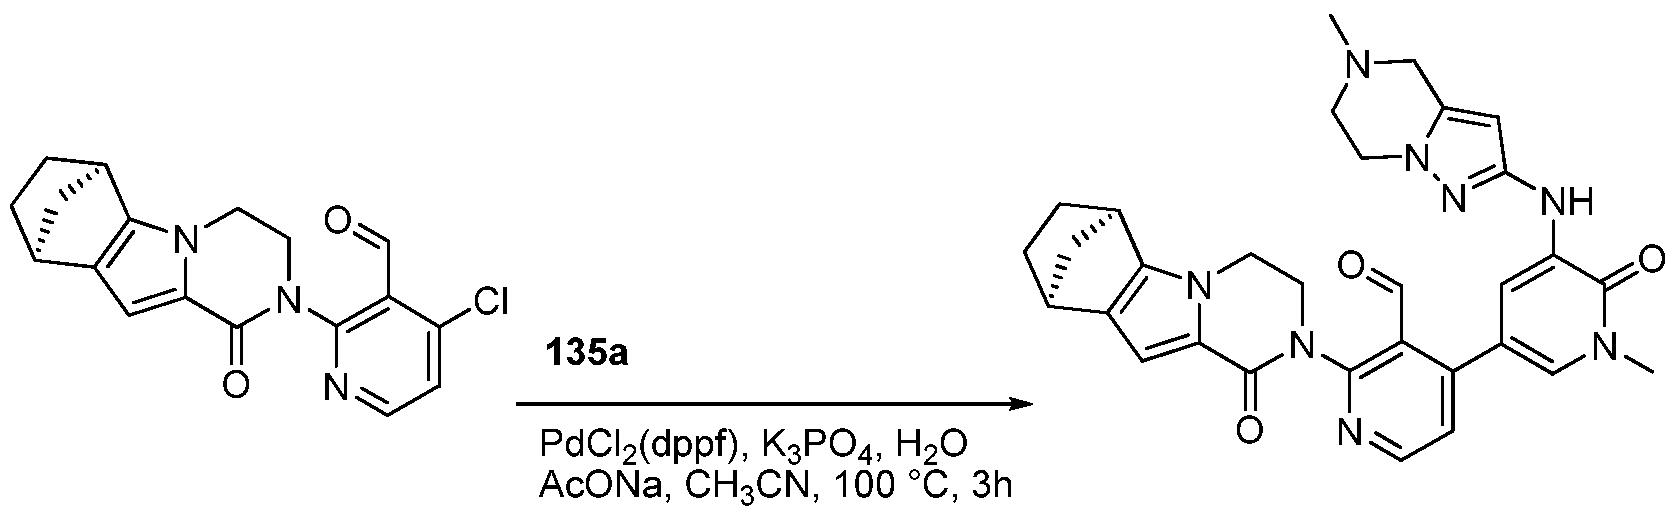 Figure imgf000225_0001